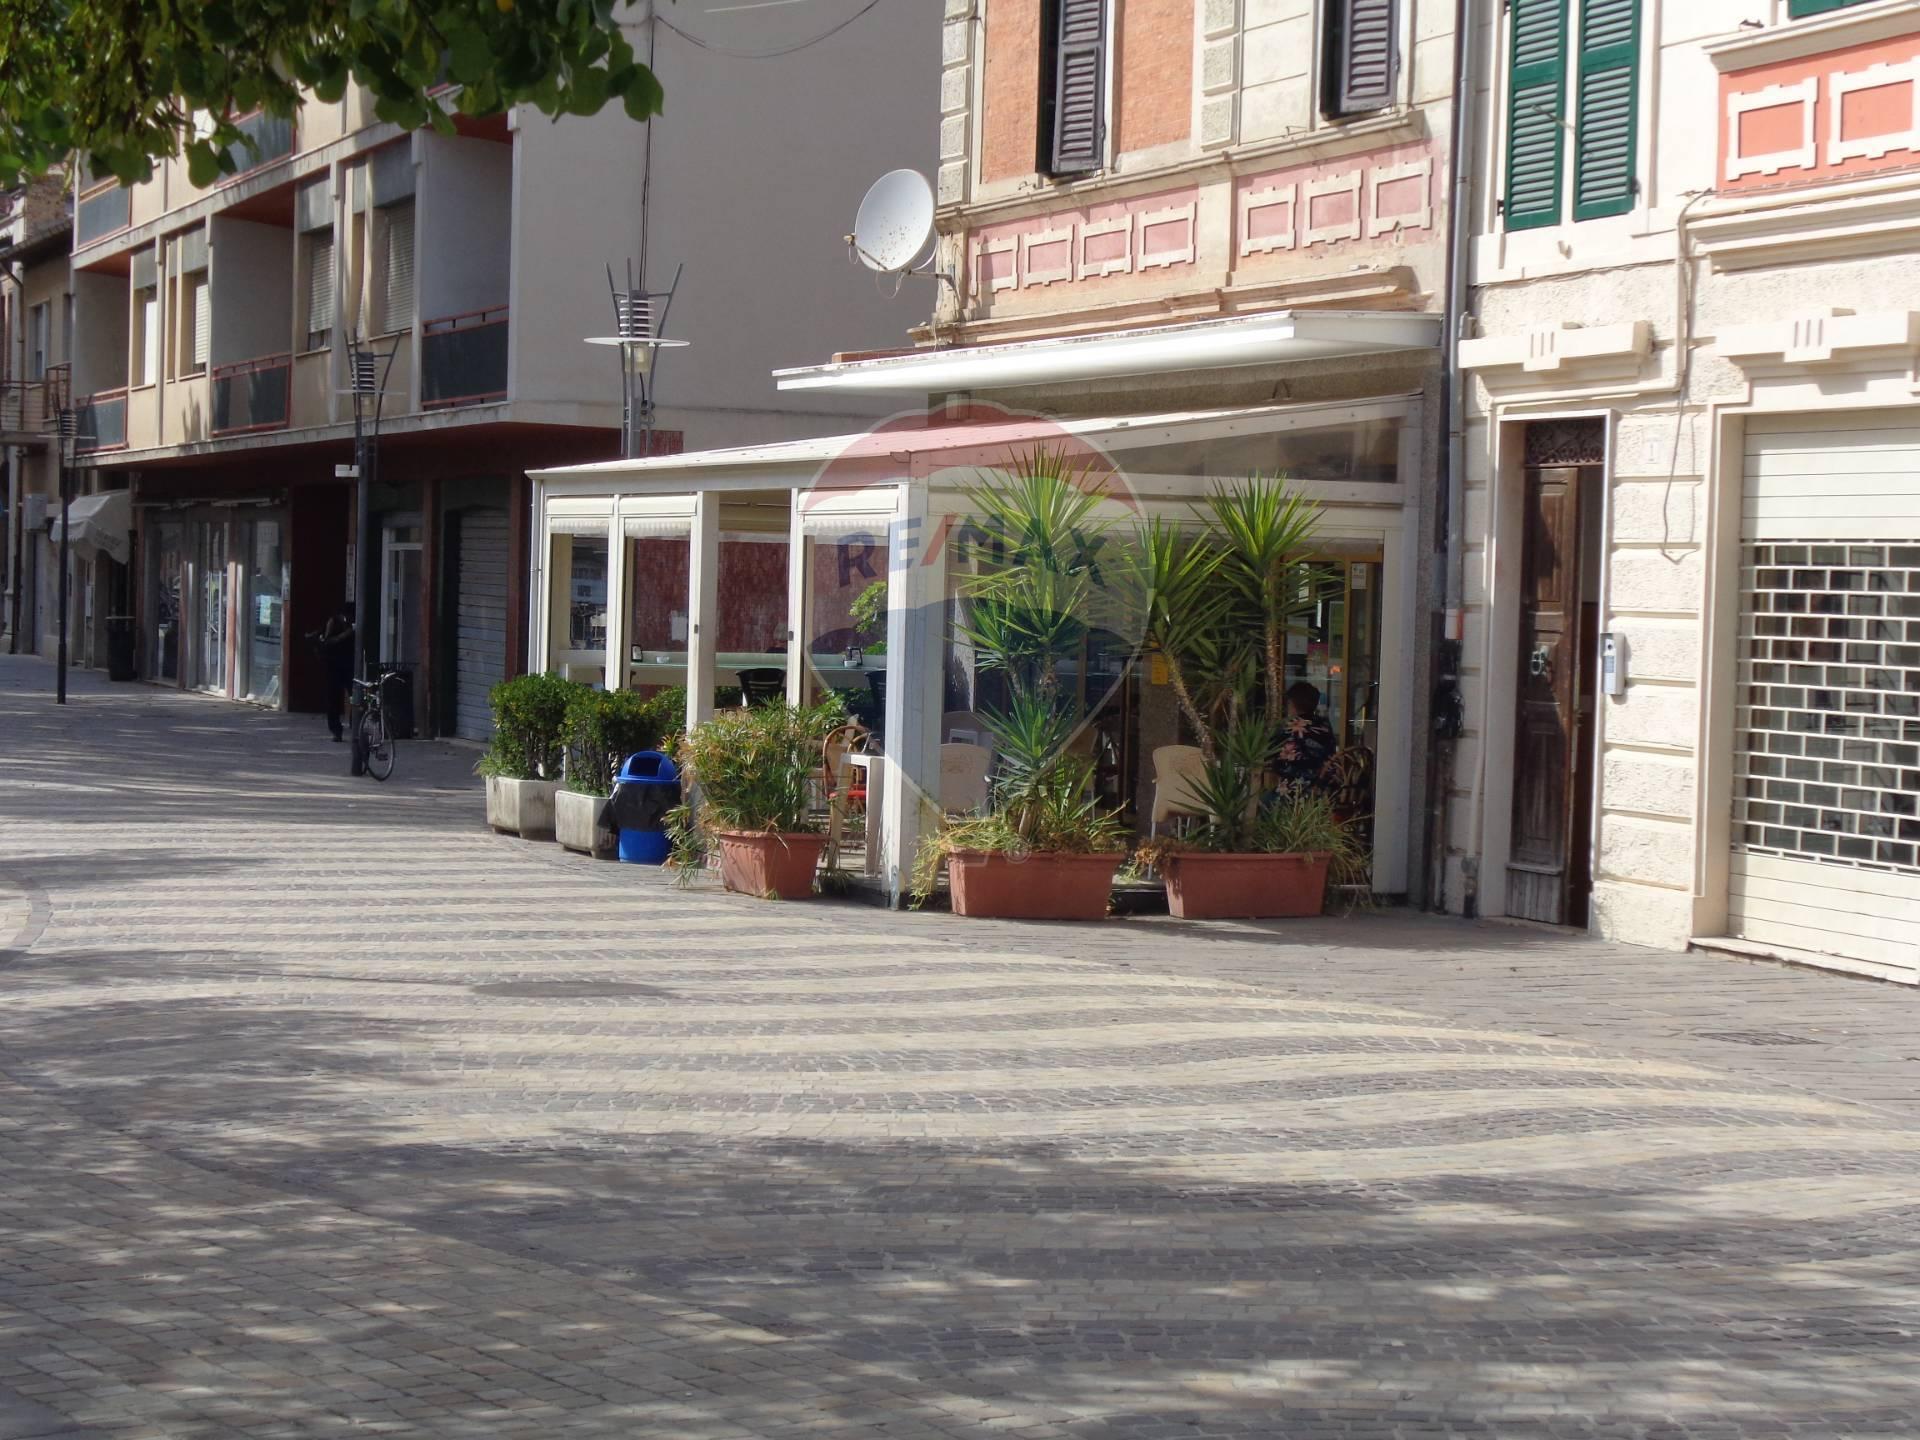 Negozio / Locale in affitto a Falconara Marittima, 9999 locali, zona Zona: Centro, prezzo € 1.600 | CambioCasa.it